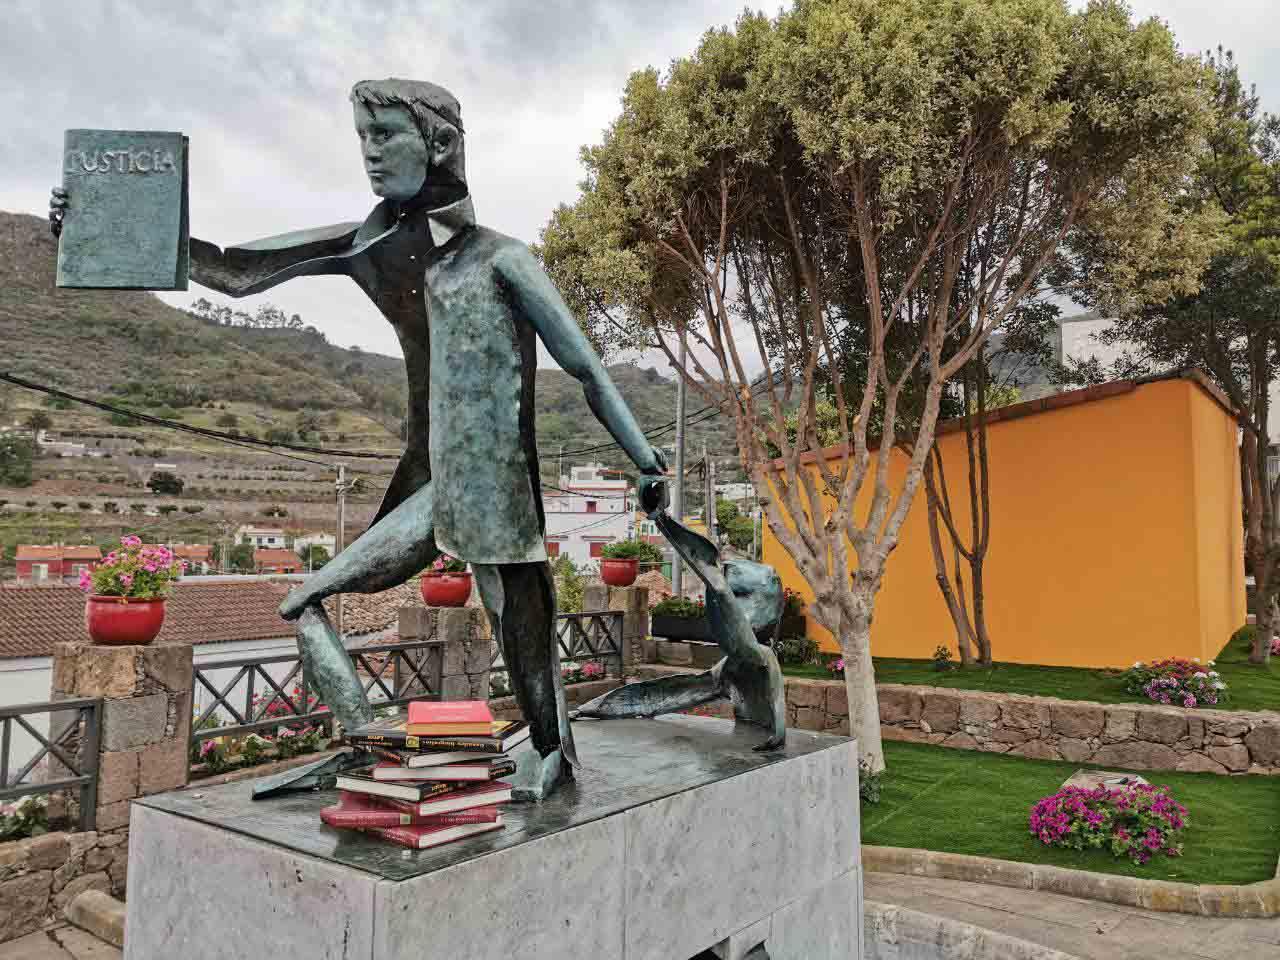 libros junto a escultura